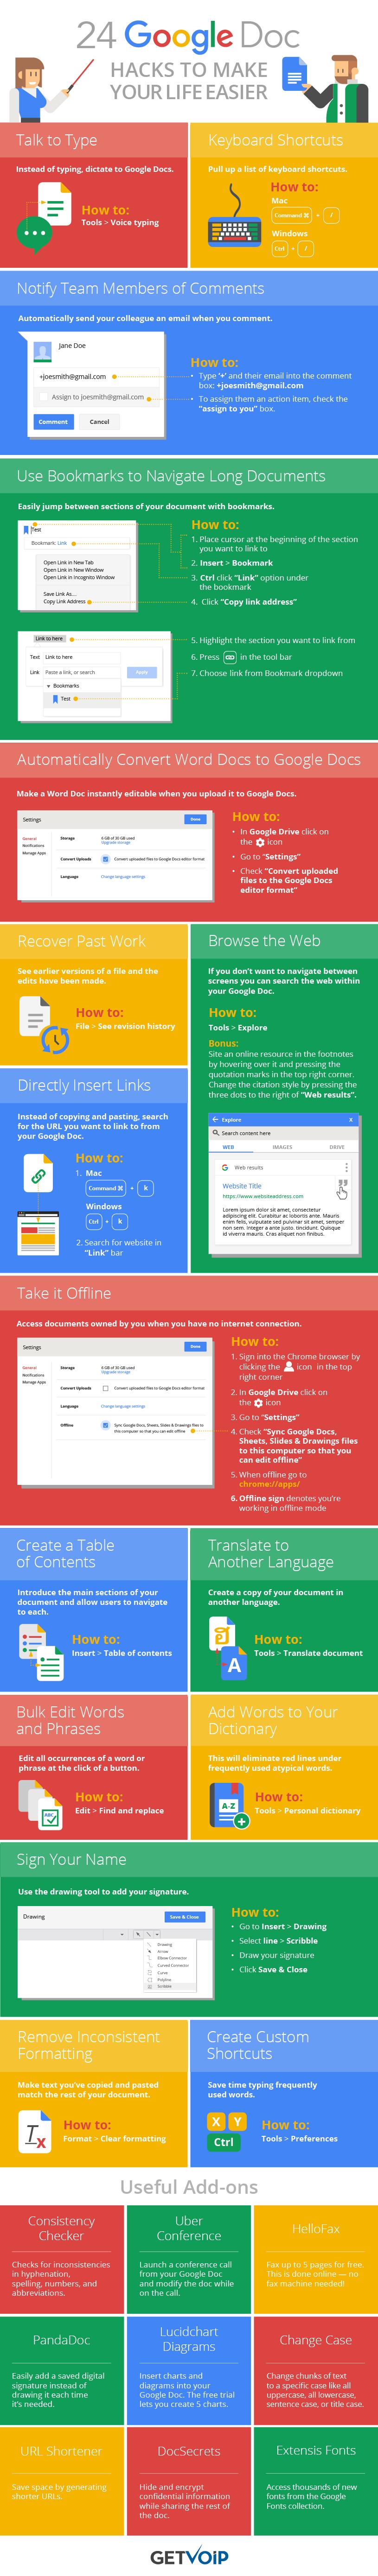 24 trucos que puedes utilizar en Google Docs para hacer tu vida más fácil... y productiva